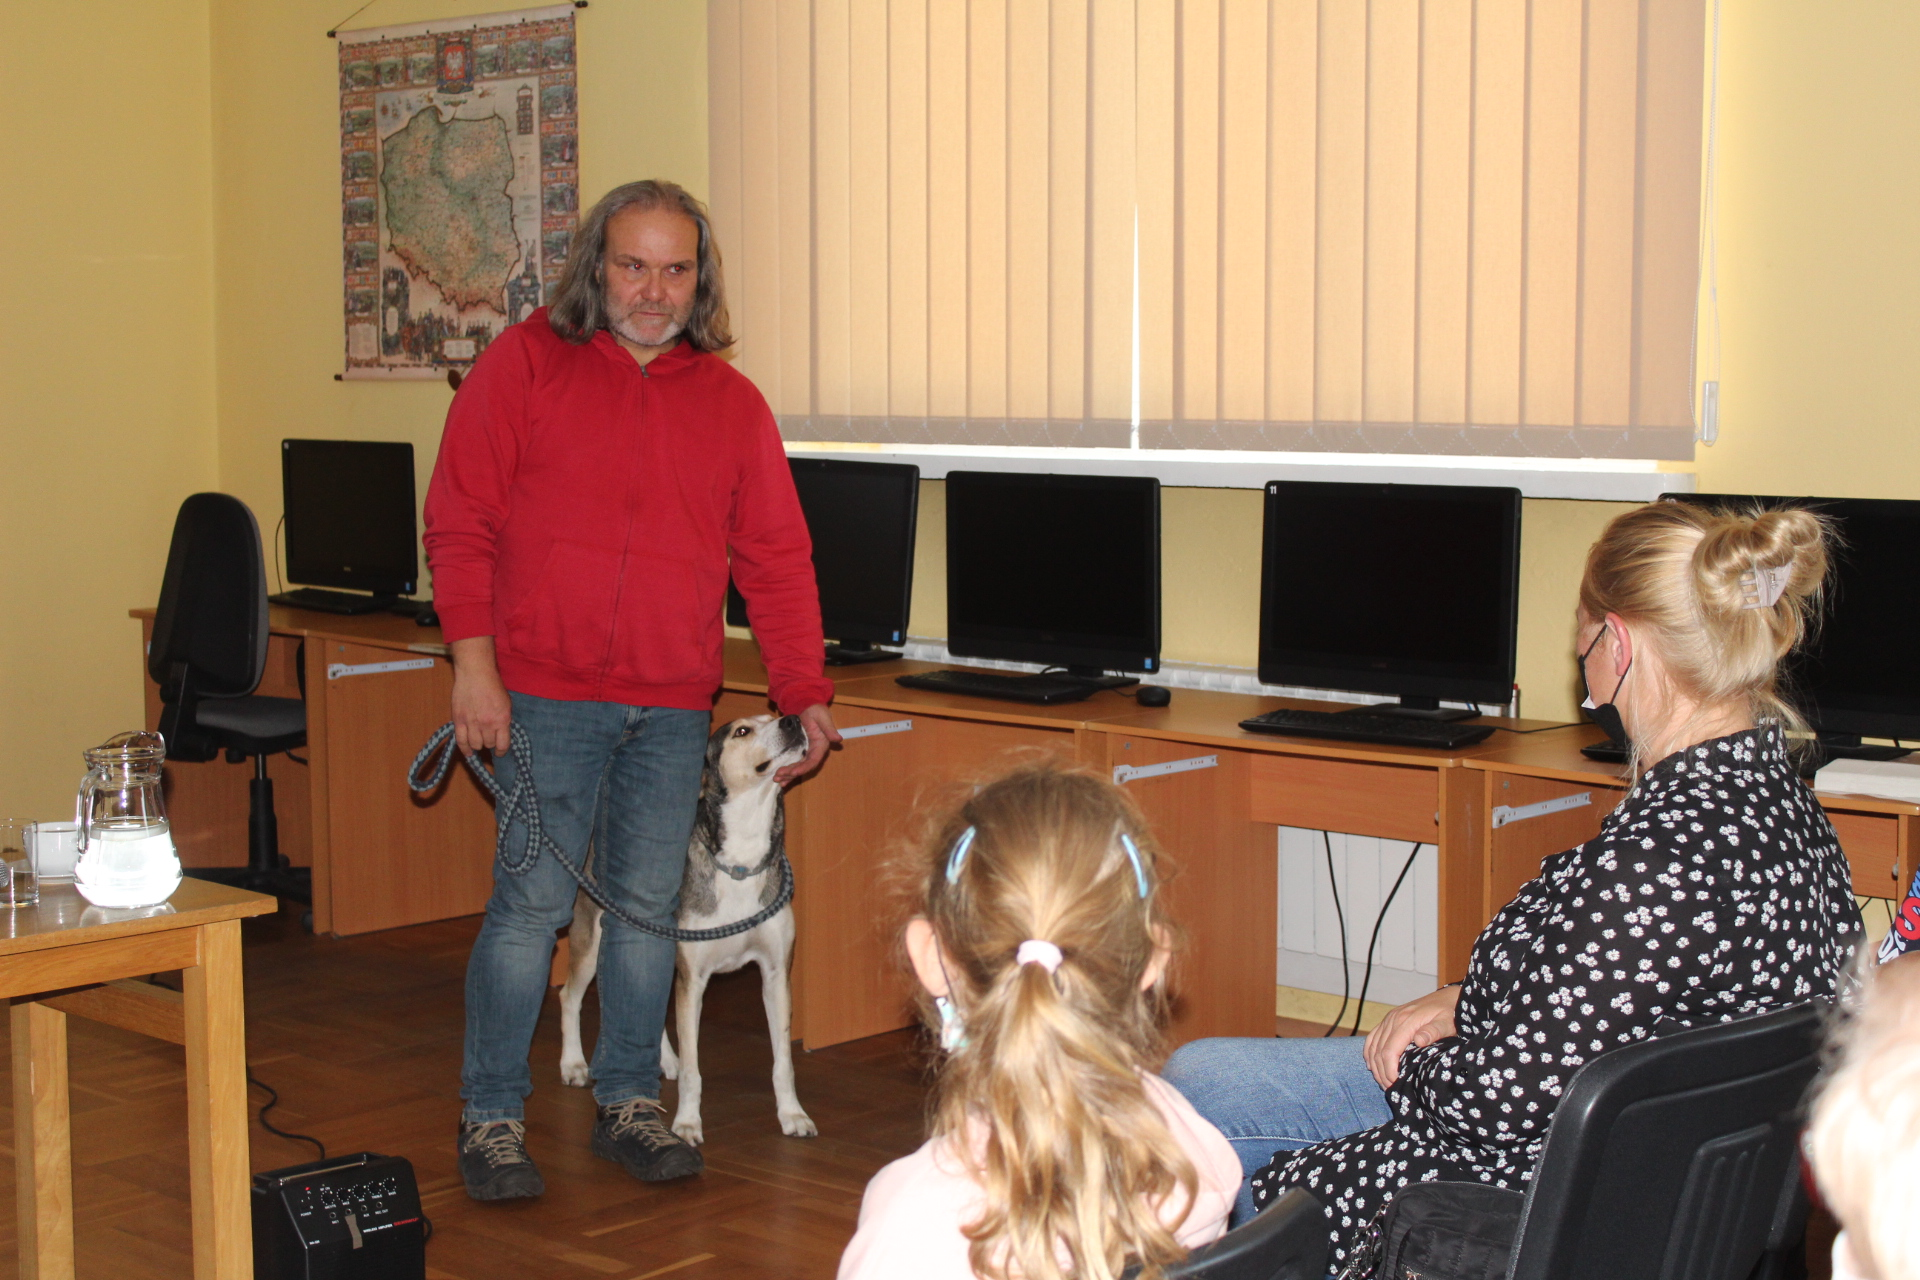 Podróżnik Krzysztof Nowakowski ze swym czworonożnym przyjacielem - psem Henią.